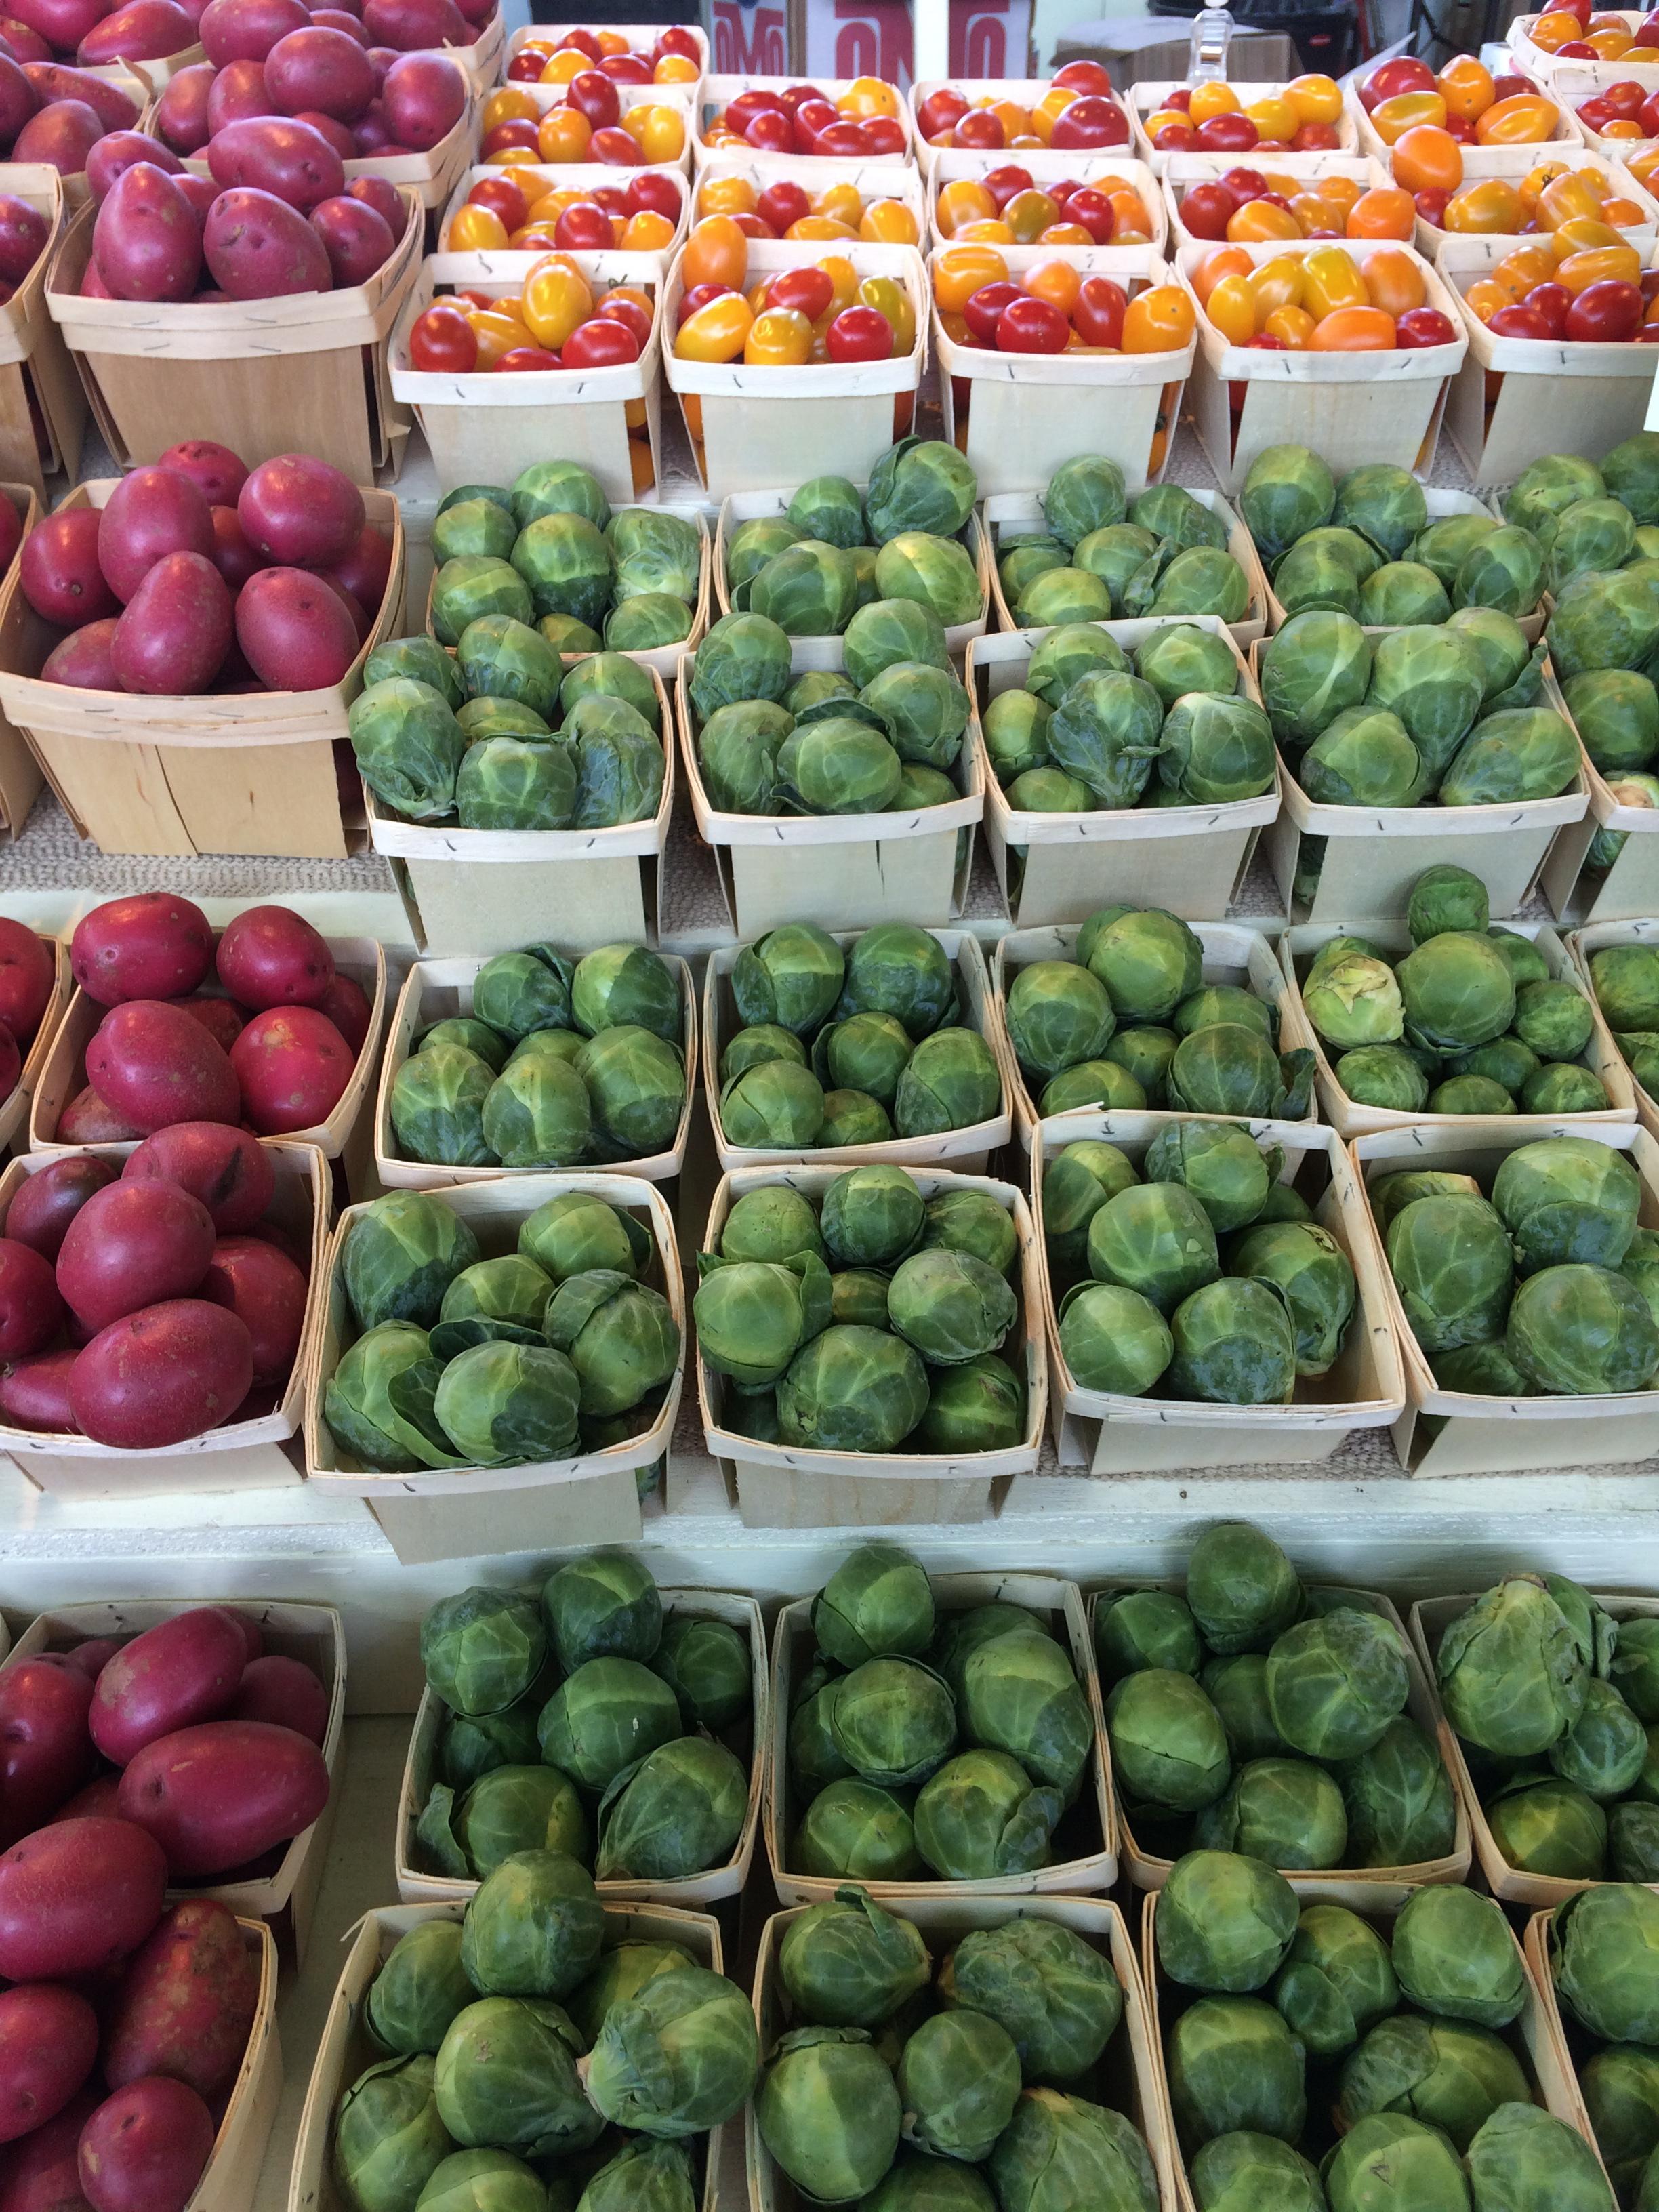 大多数的蔬菜,在西西西西西西西西。